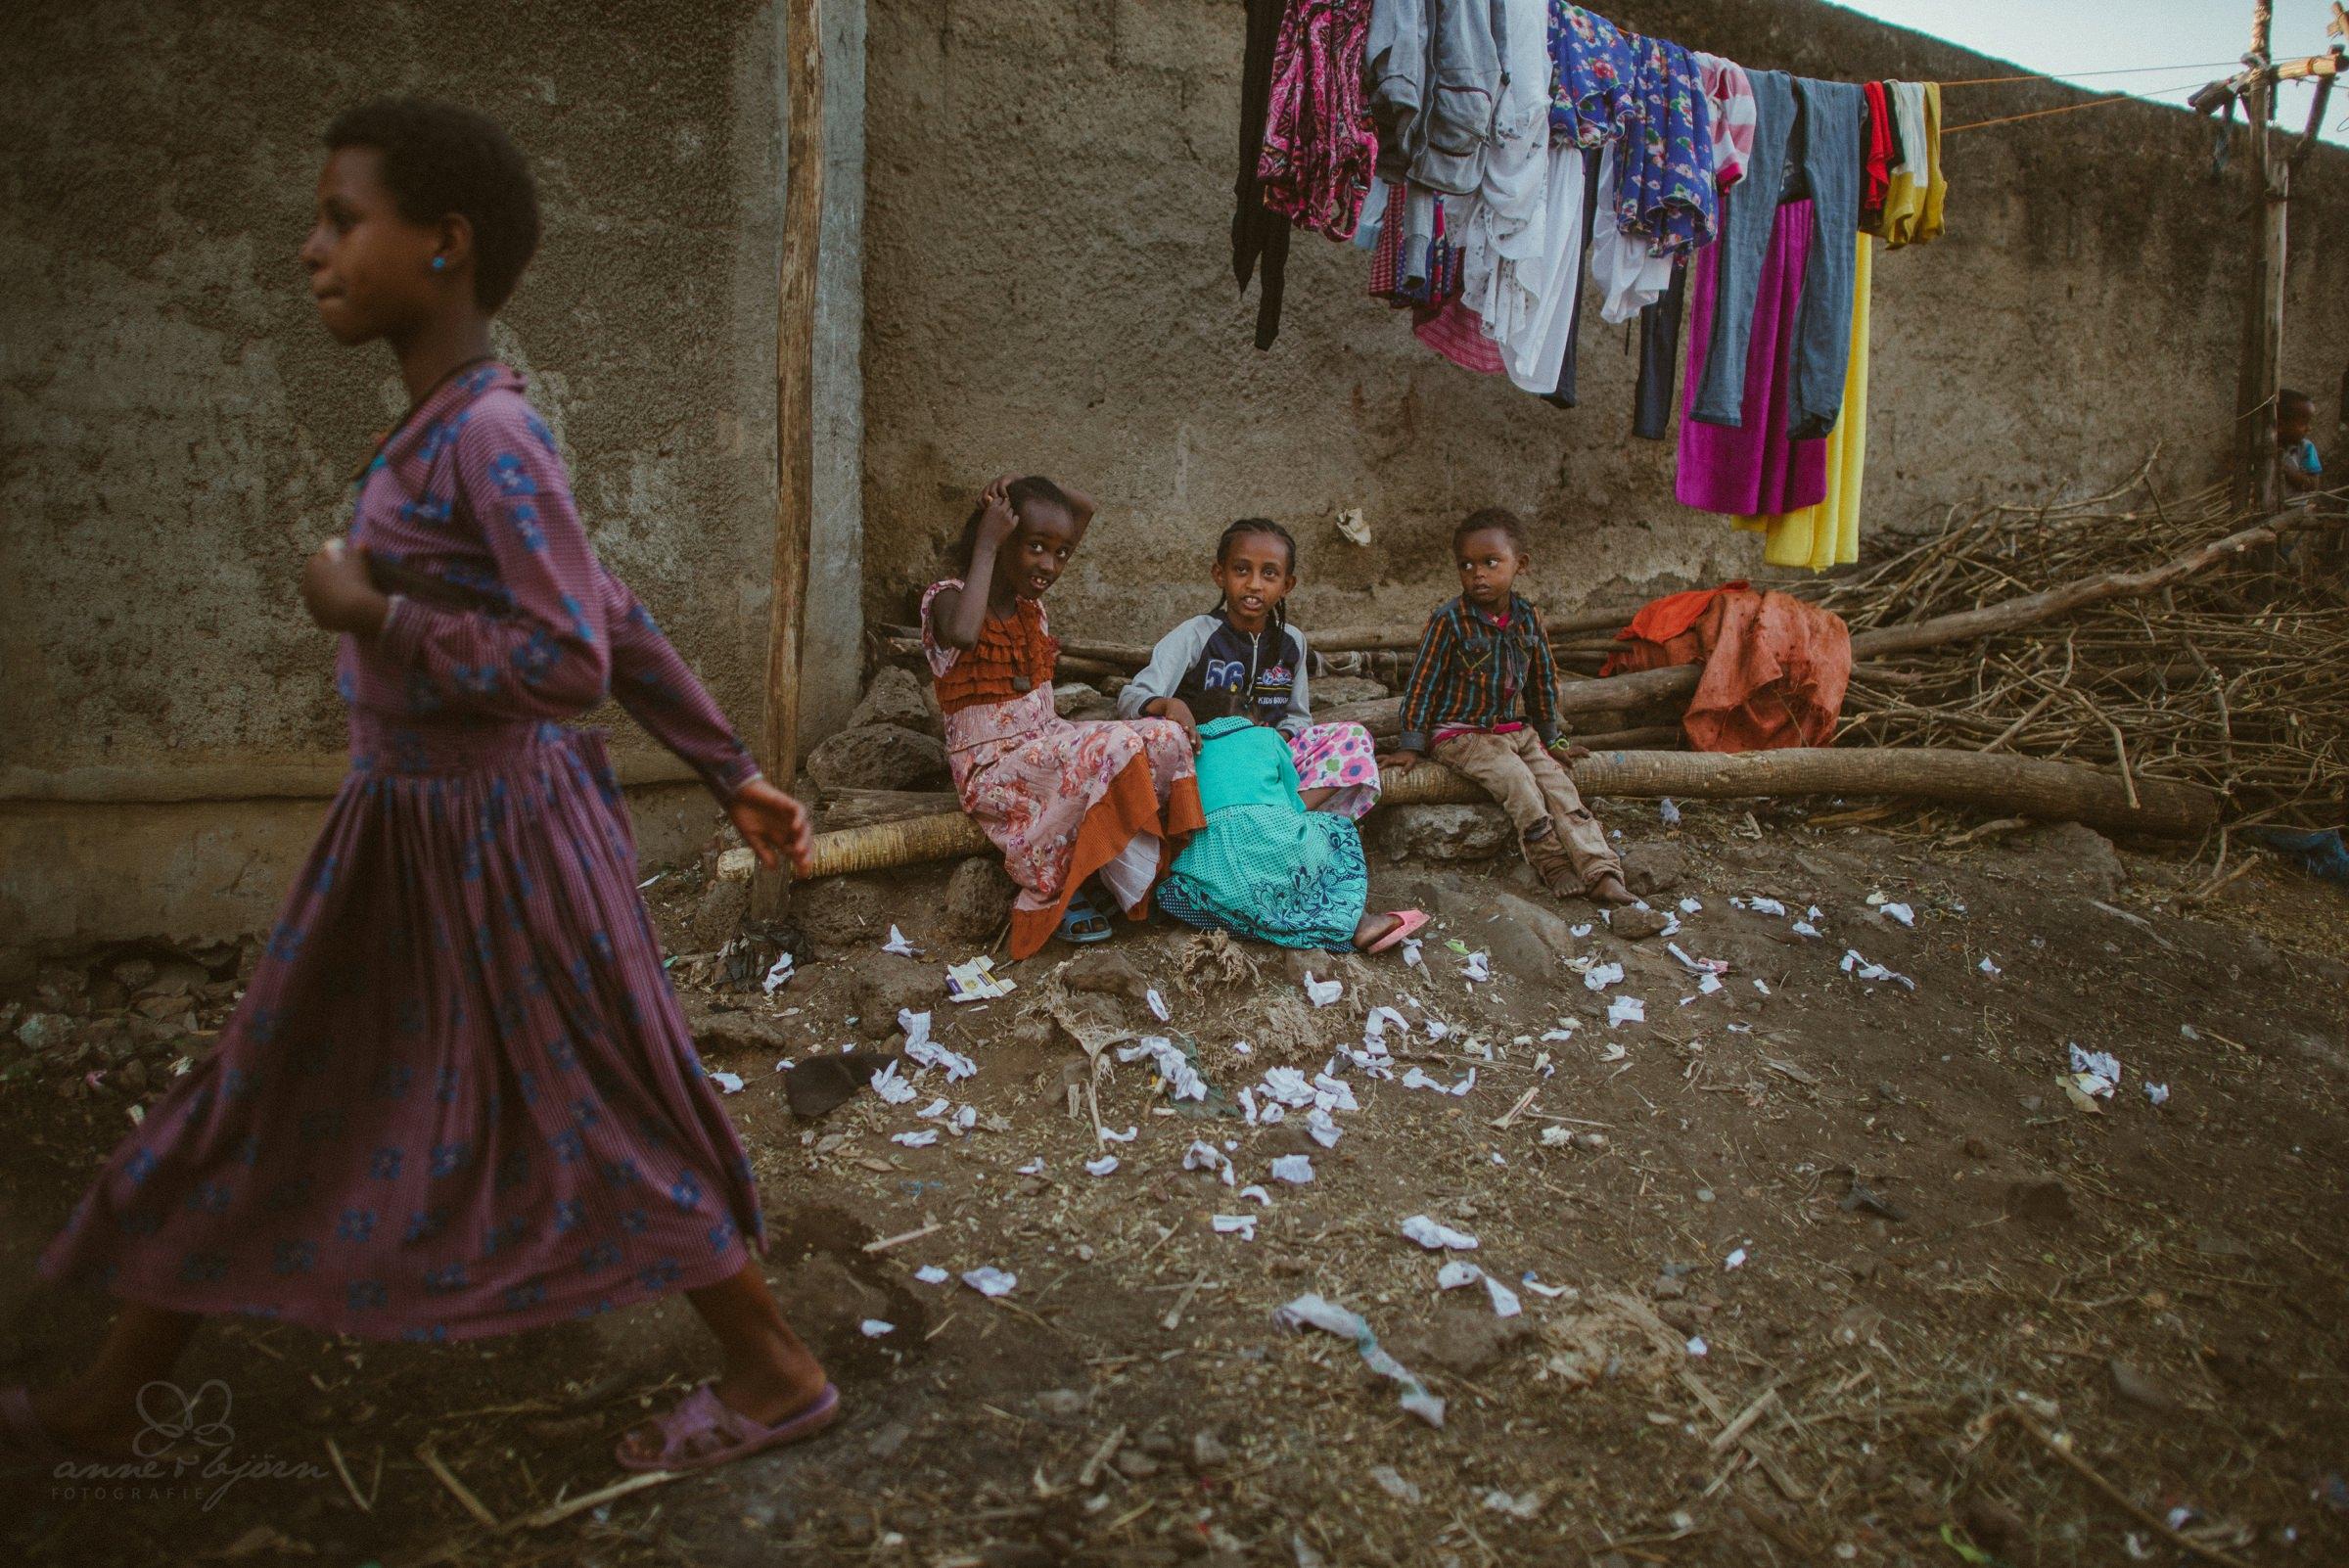 Kids, Kinder, children, Africa, Afrika, Ethopia, Äthiopien